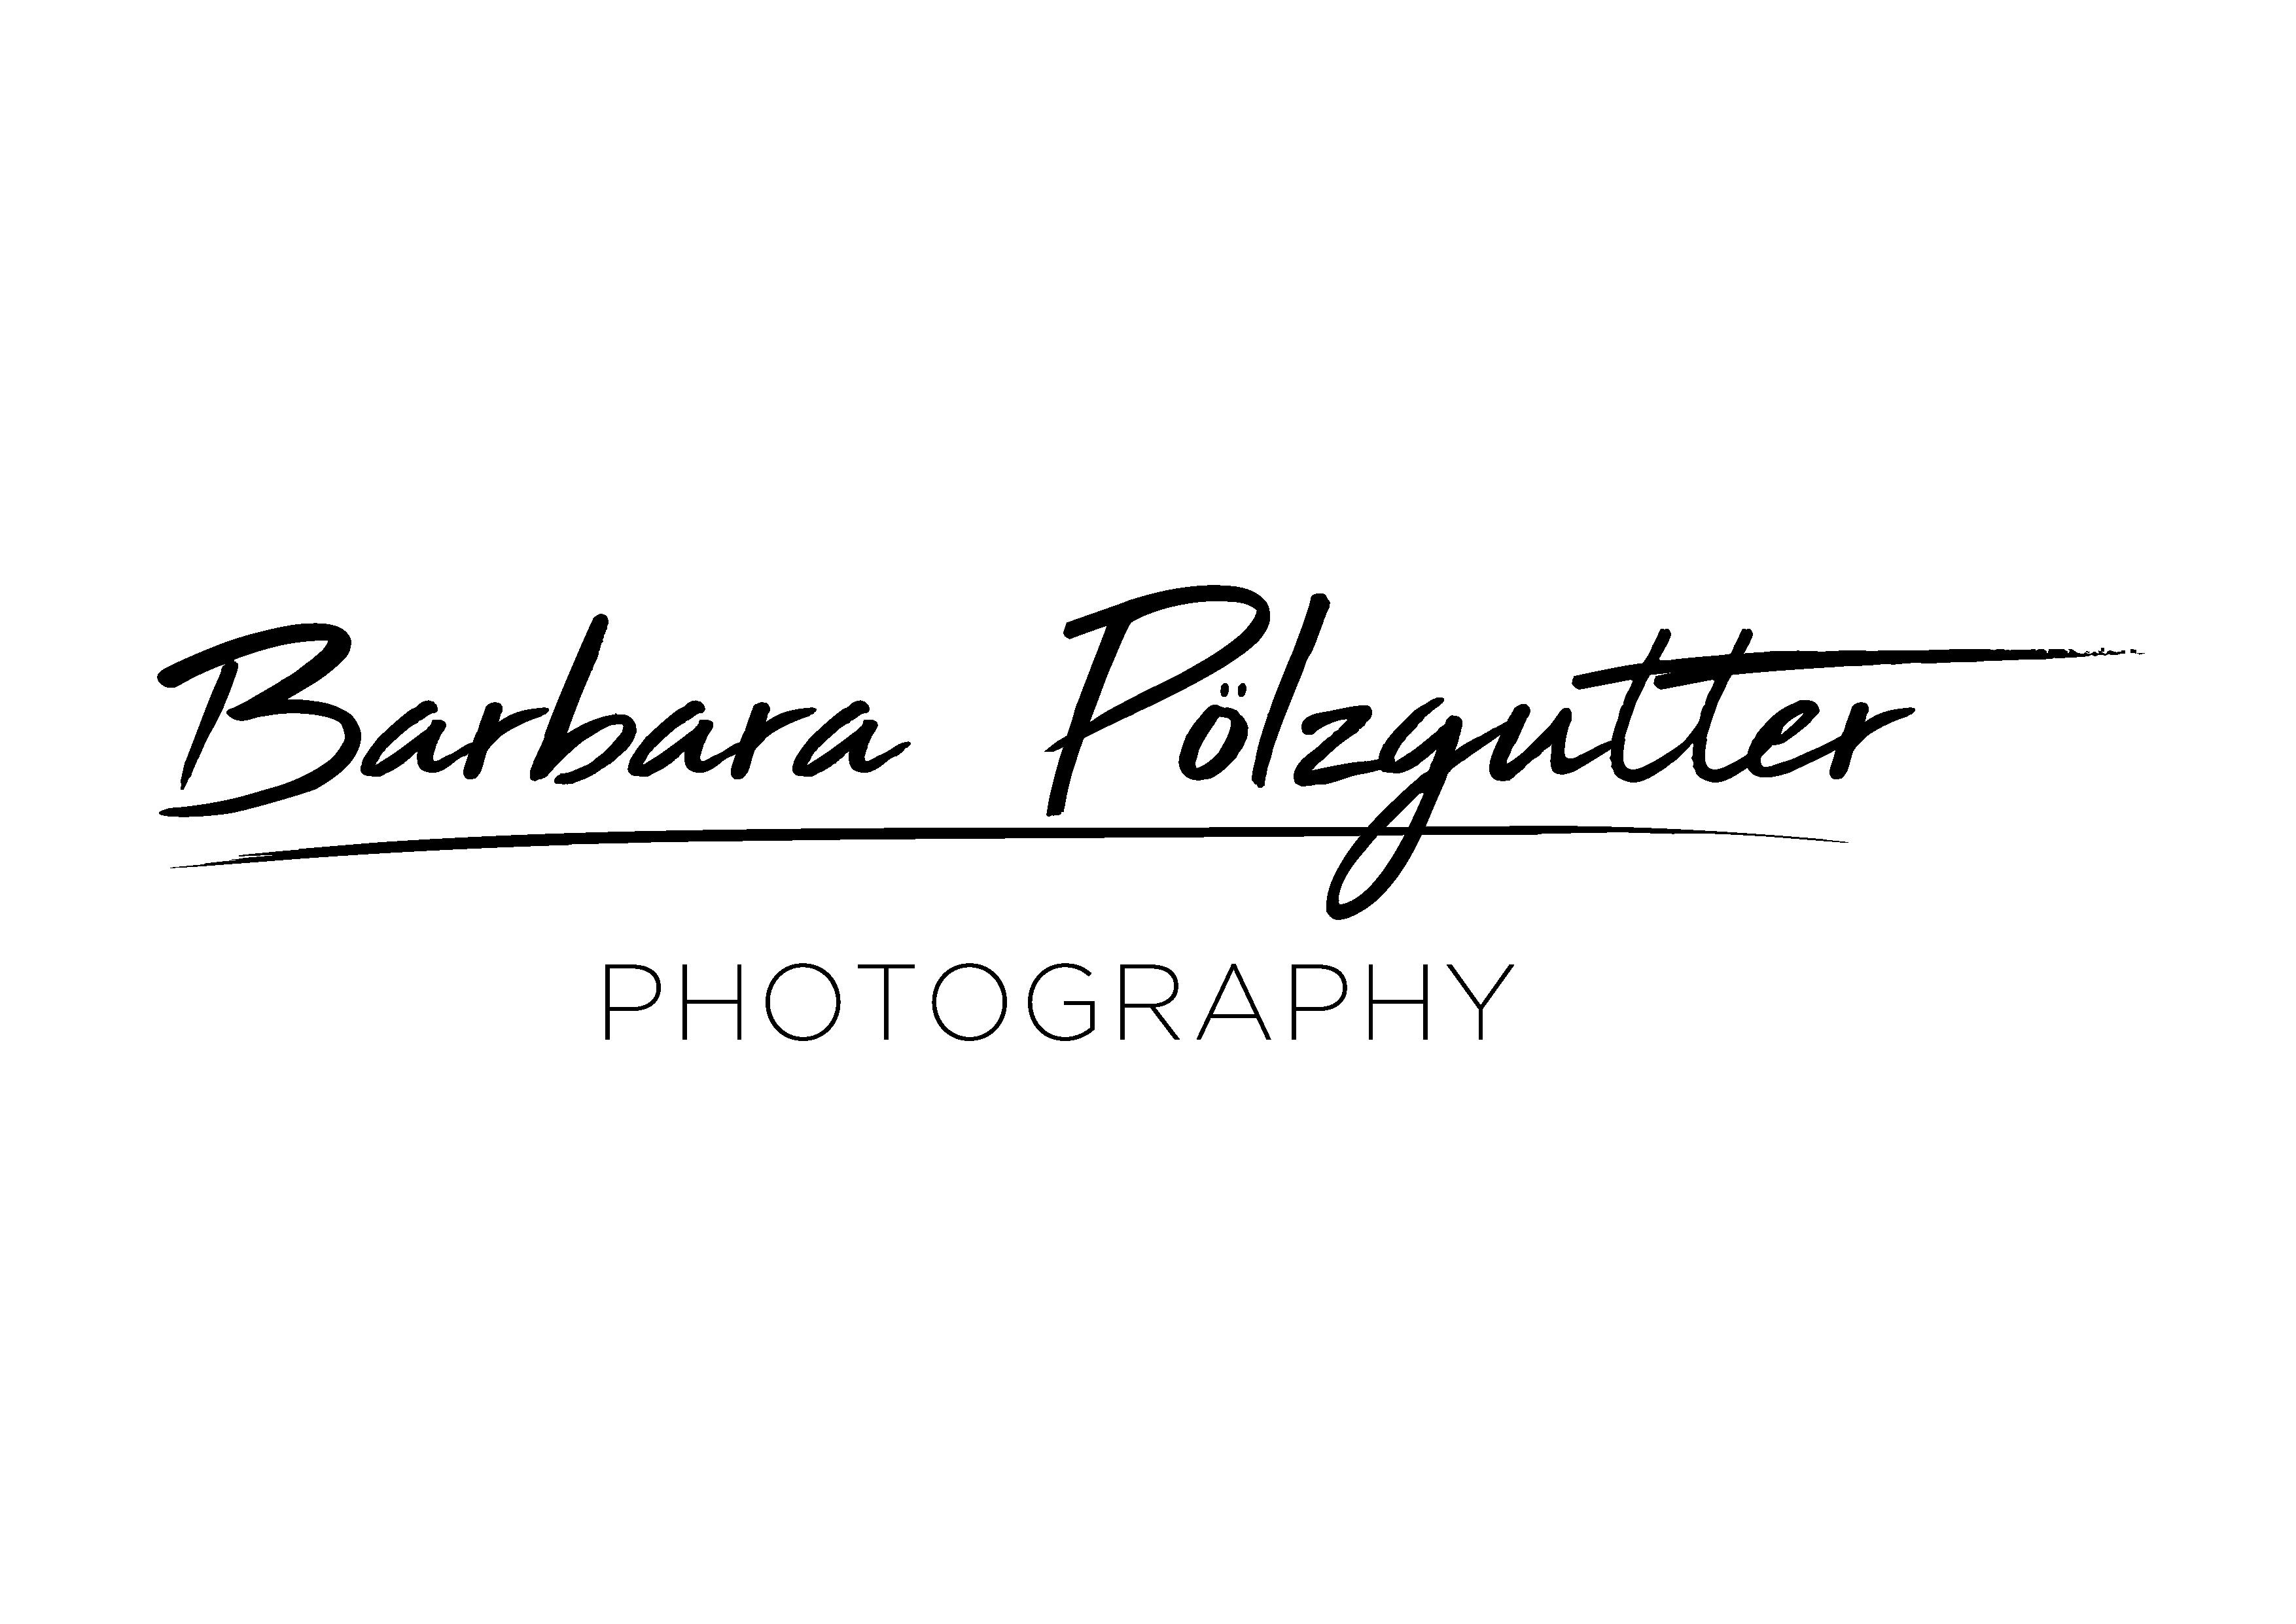 Barbara_Pölzgutter_Logo_Vektor-01